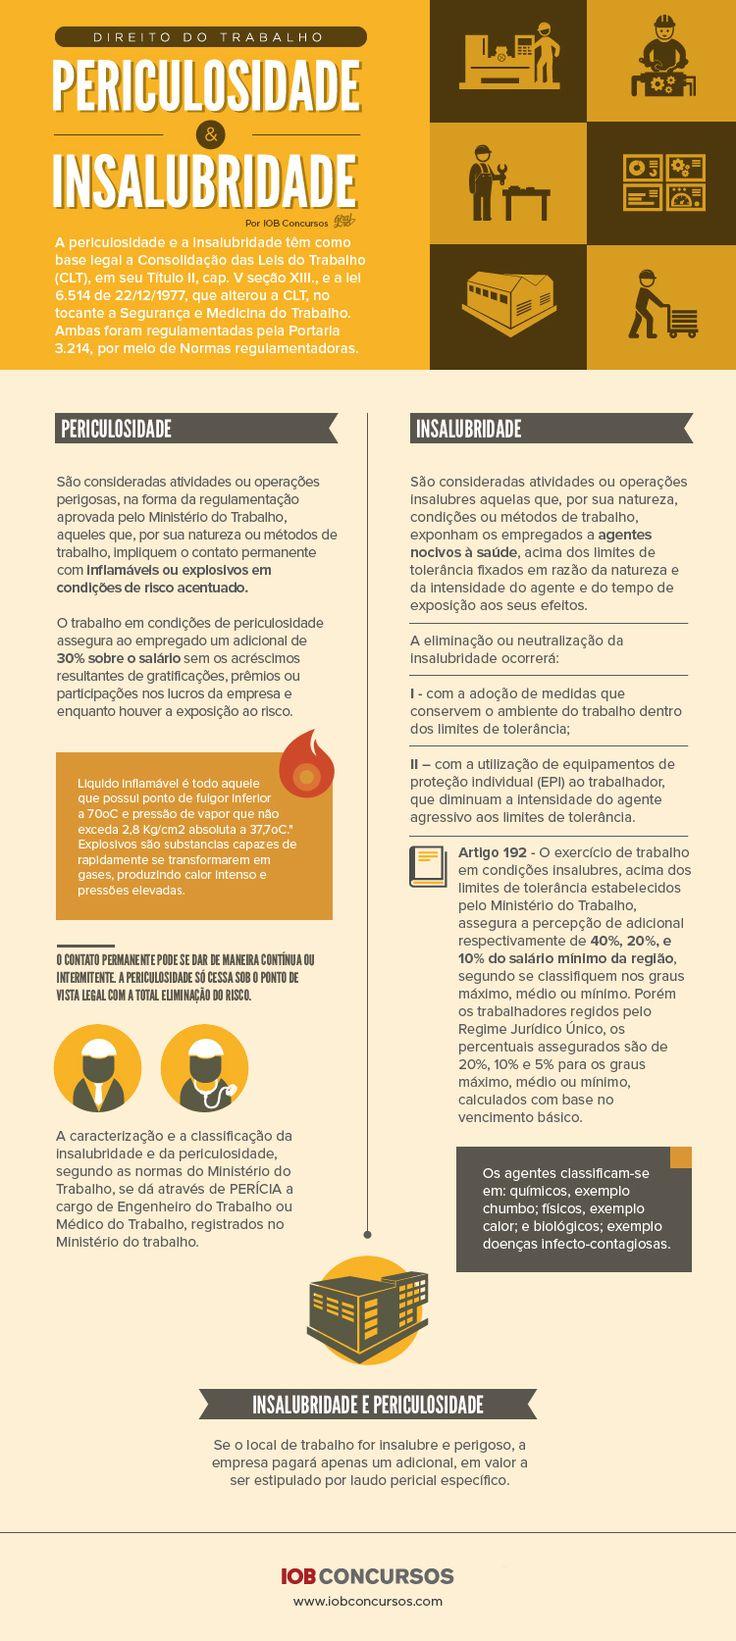 Direito do Trabalho - Periculosidade e Insalubridade